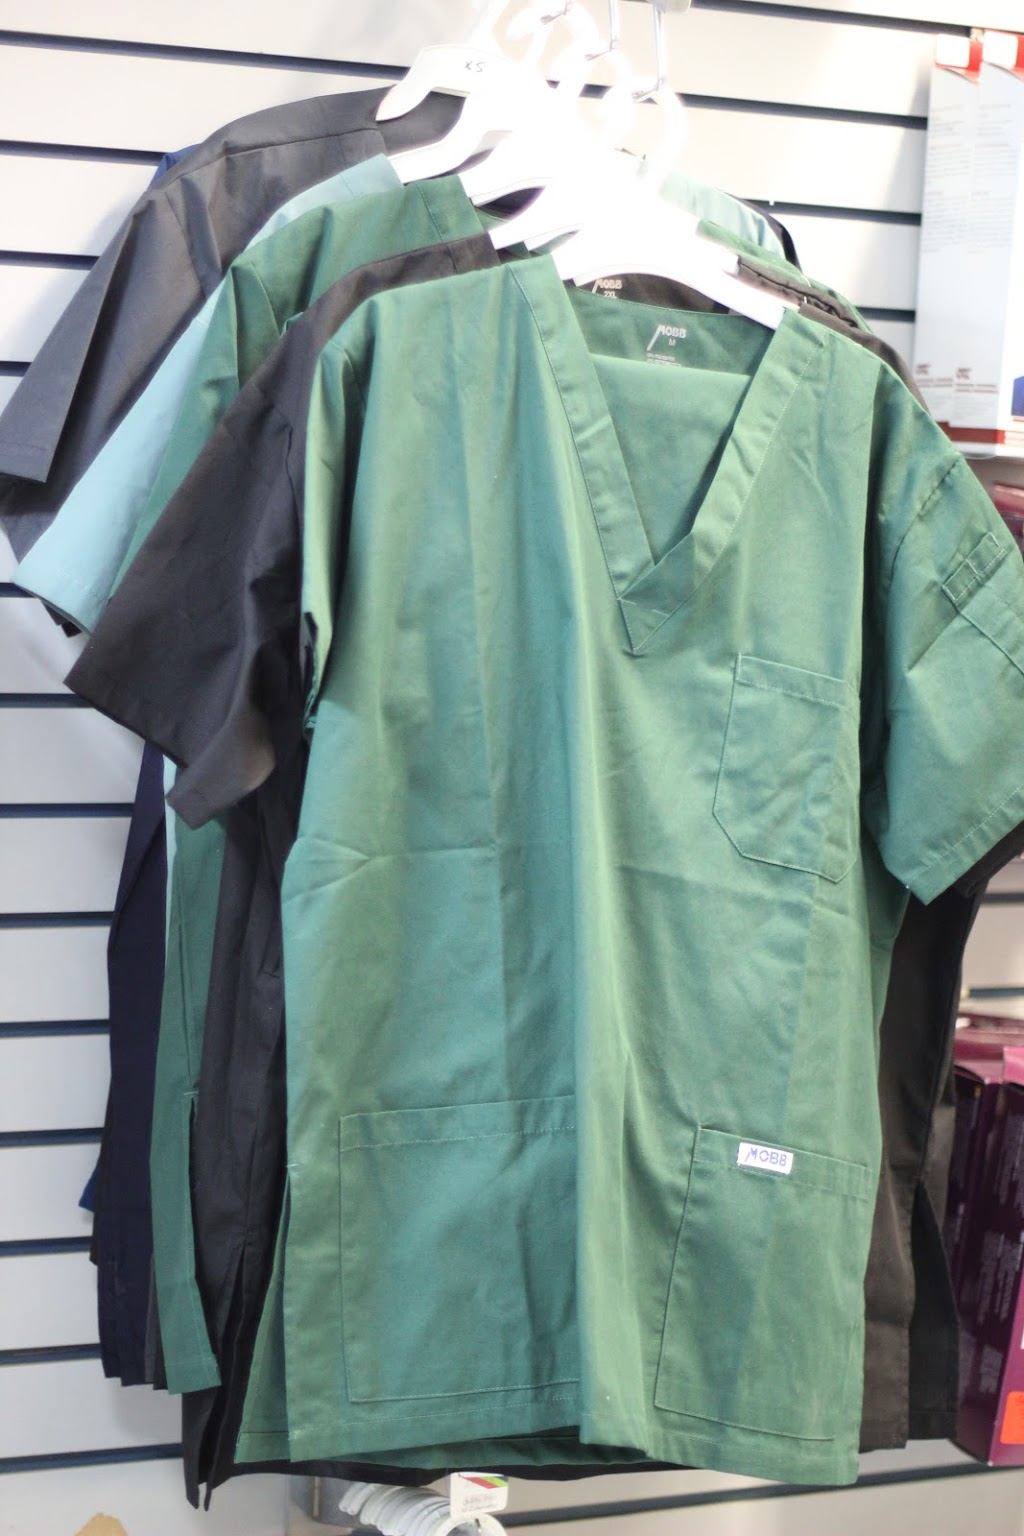 Canada Care Medical Inc | health | 501 Smyth Rd, Ottawa, ON K1H 8L6, Canada | 6137378844 OR +1 613-737-8844